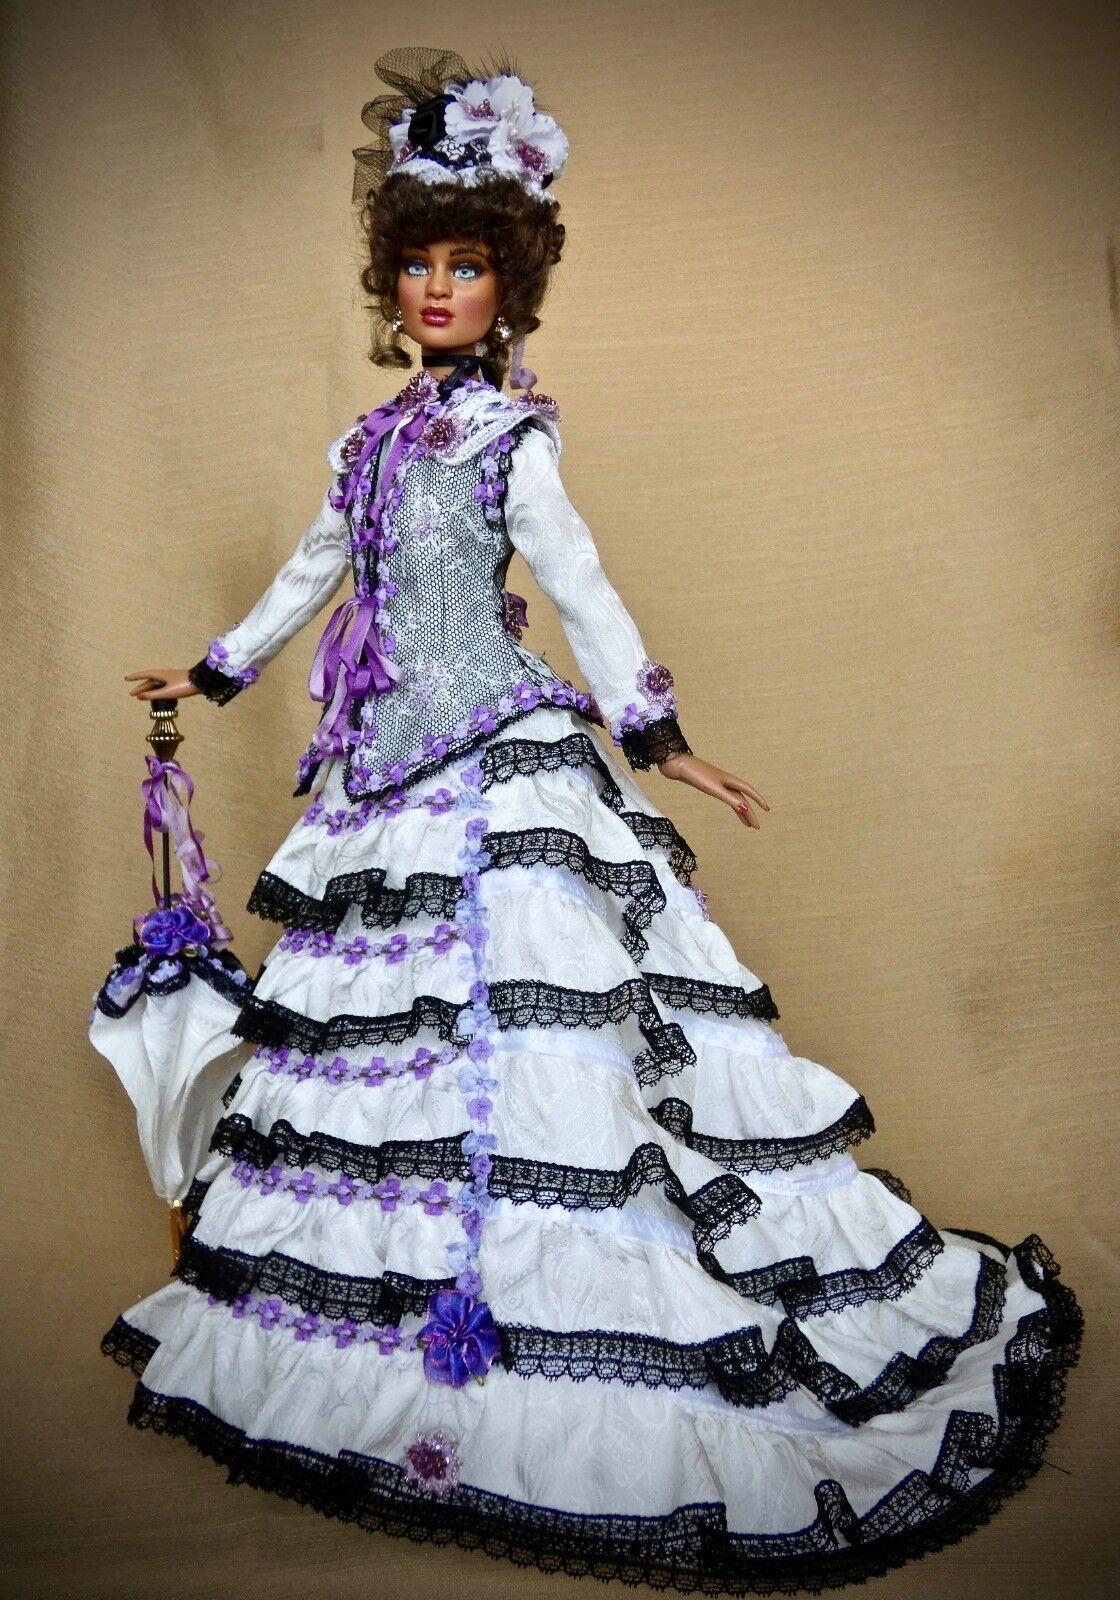 Tonner 16  Jon (Cami Antoinette) OOAK Repainted & Costumed by Kathleen Hill